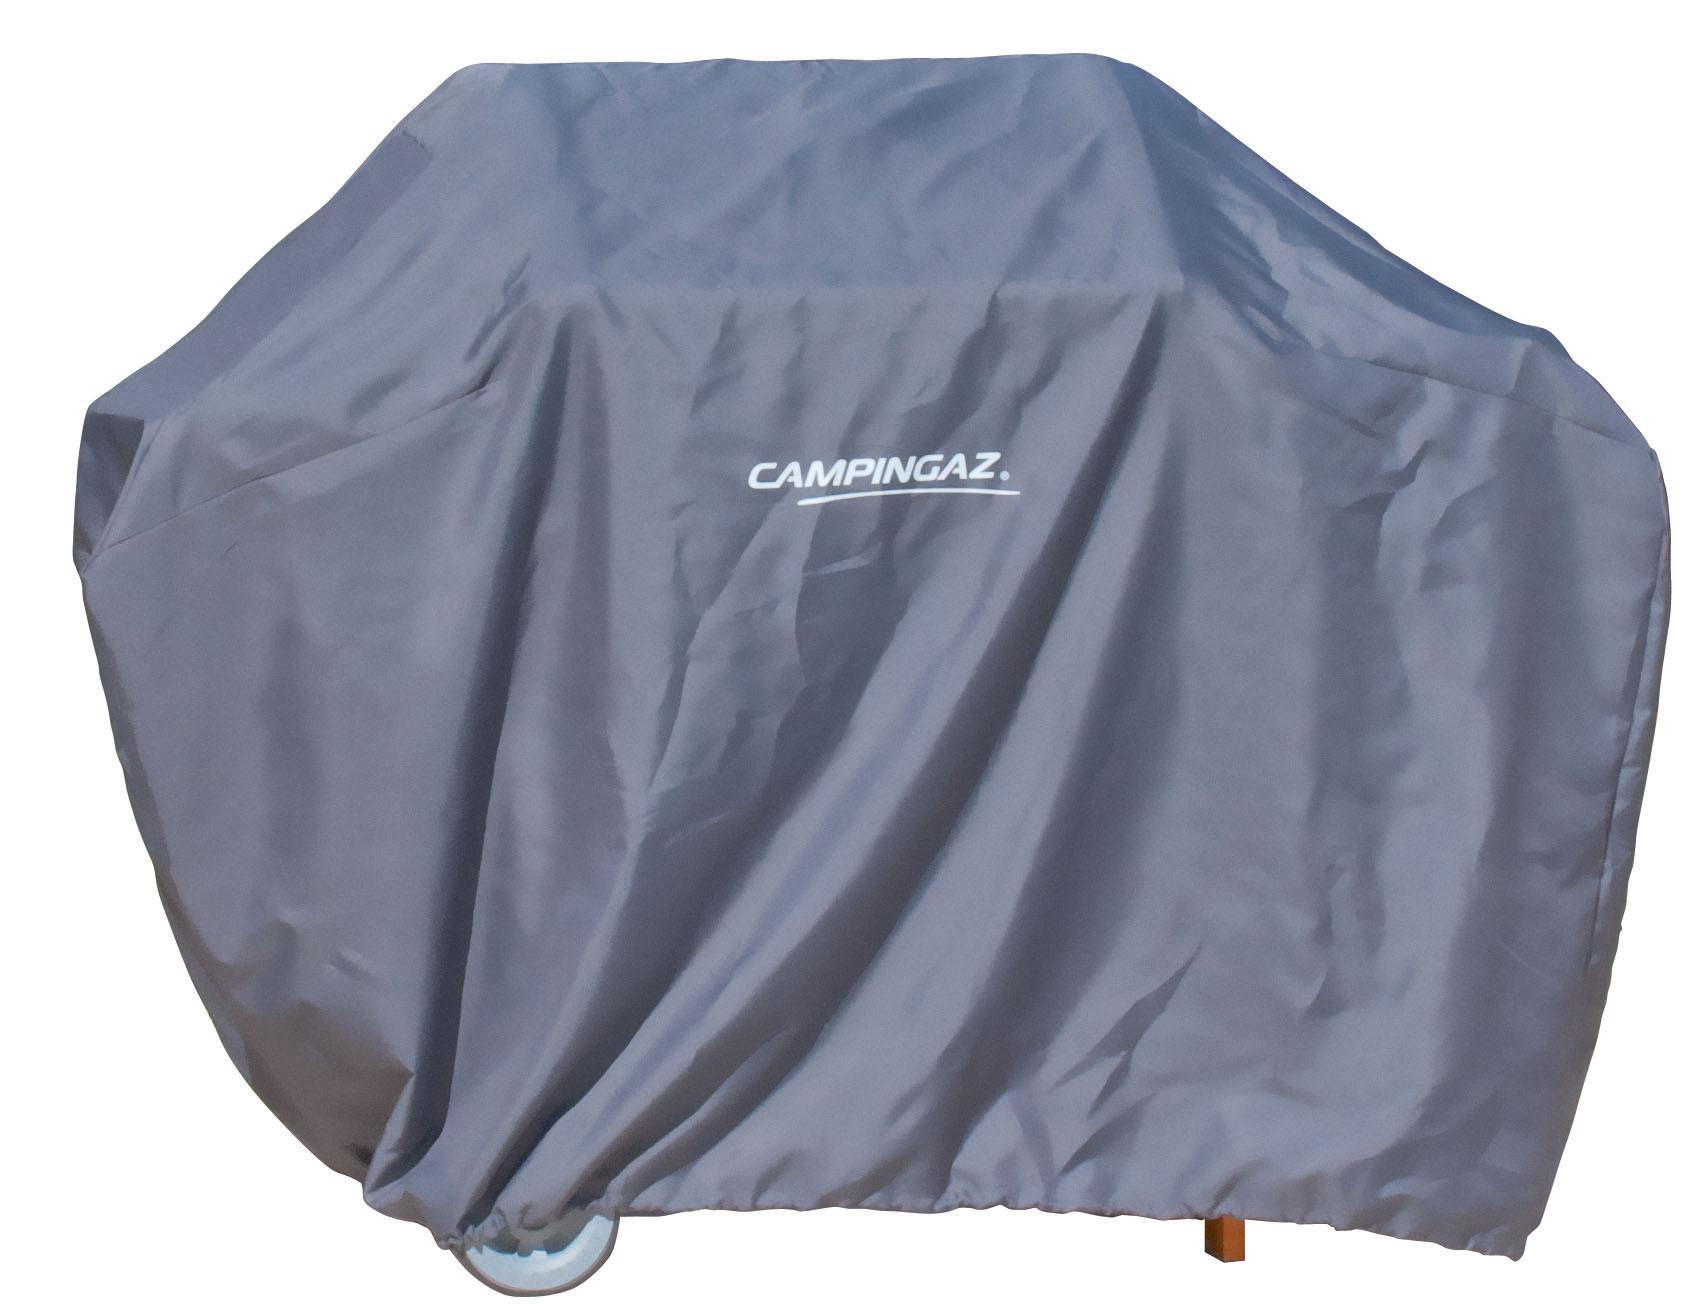 Campingaz Schutzhülle für Grill Premium Abdeckhaube XL Bild 1